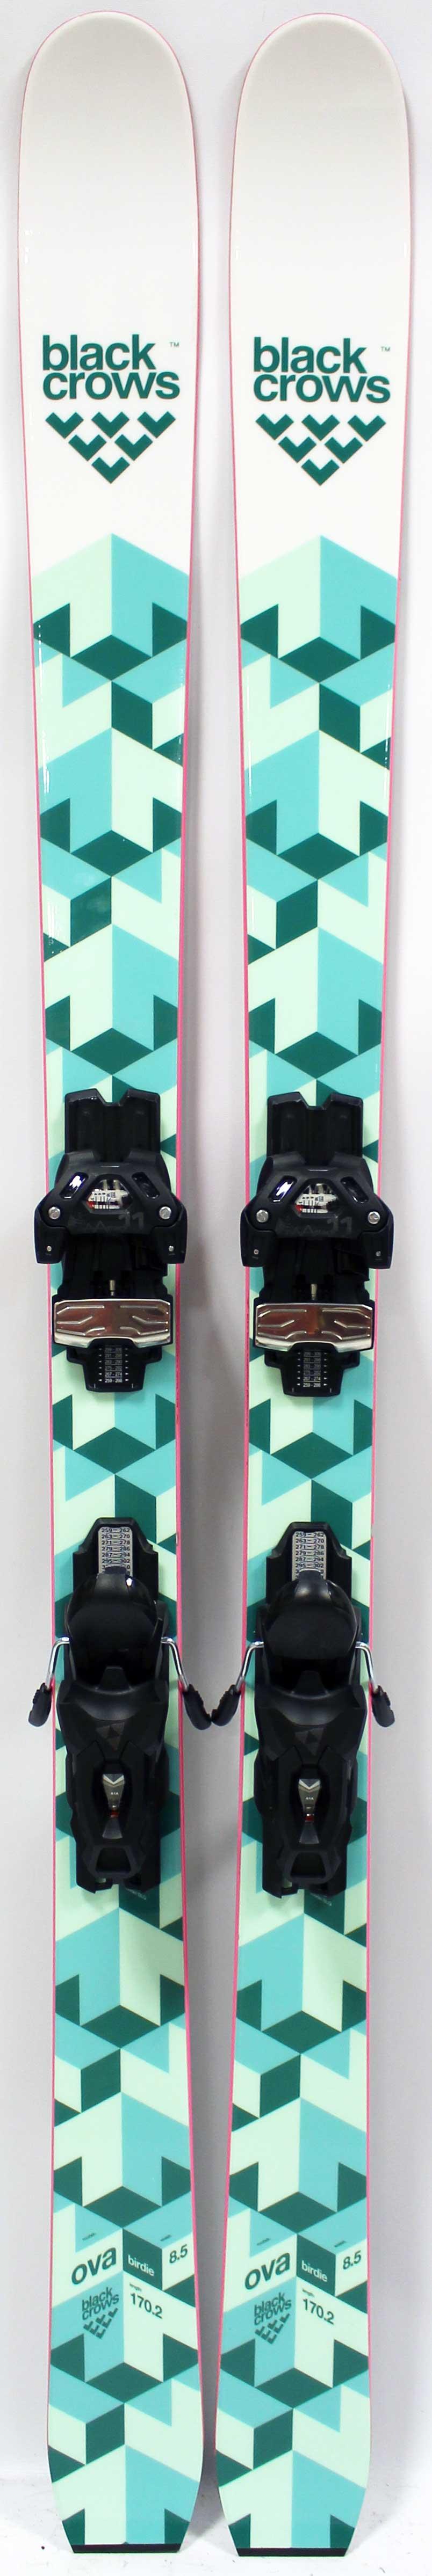 2017 Black Crows Ova Birdie 170cm Used Demo Skis on Sale  24ba8f2c0